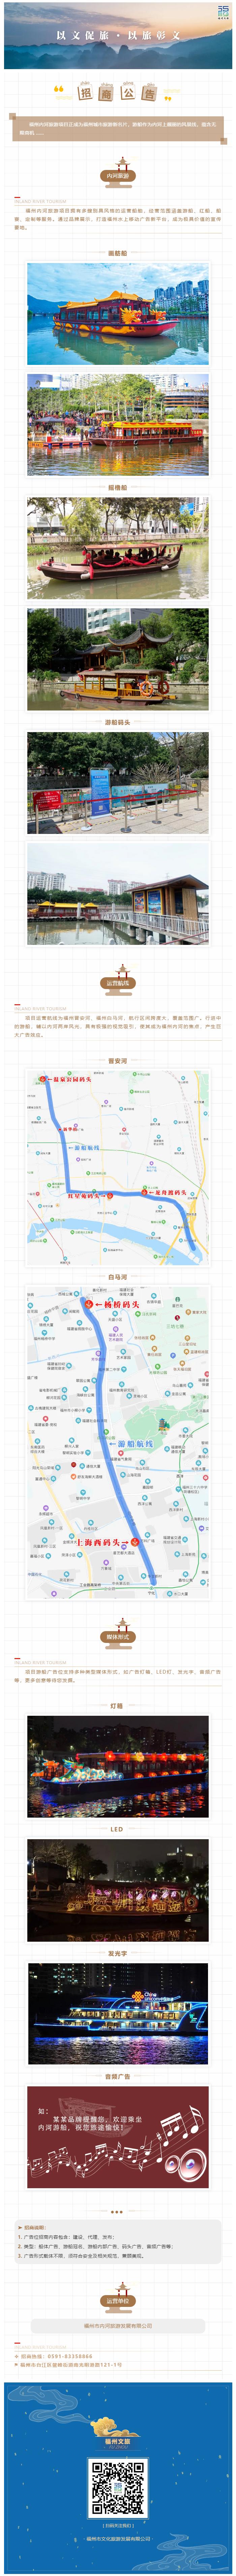 内河旅游丨游船广告位招商公告.png